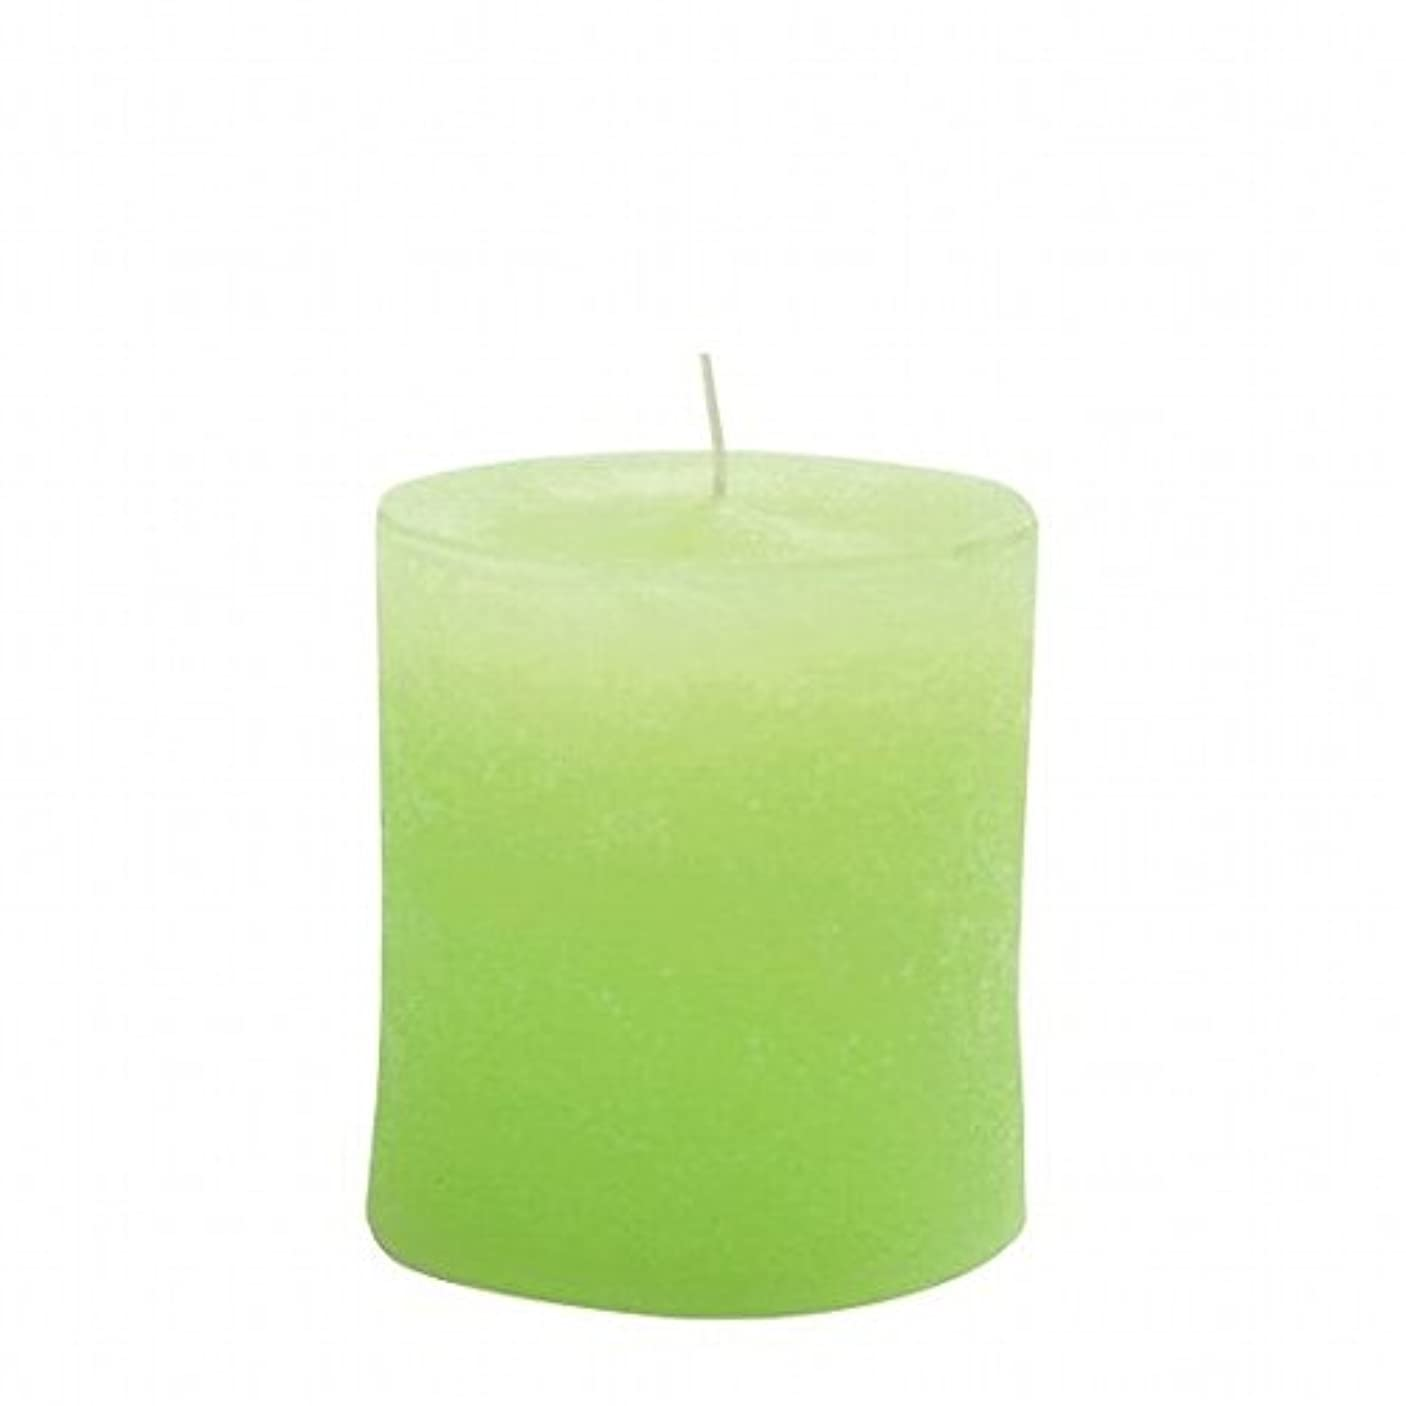 家預言者パプアニューギニアkameyama candle(カメヤマキャンドル) ラスティクピラー70×75 「 ライトグリーン 」(A4930010LG)